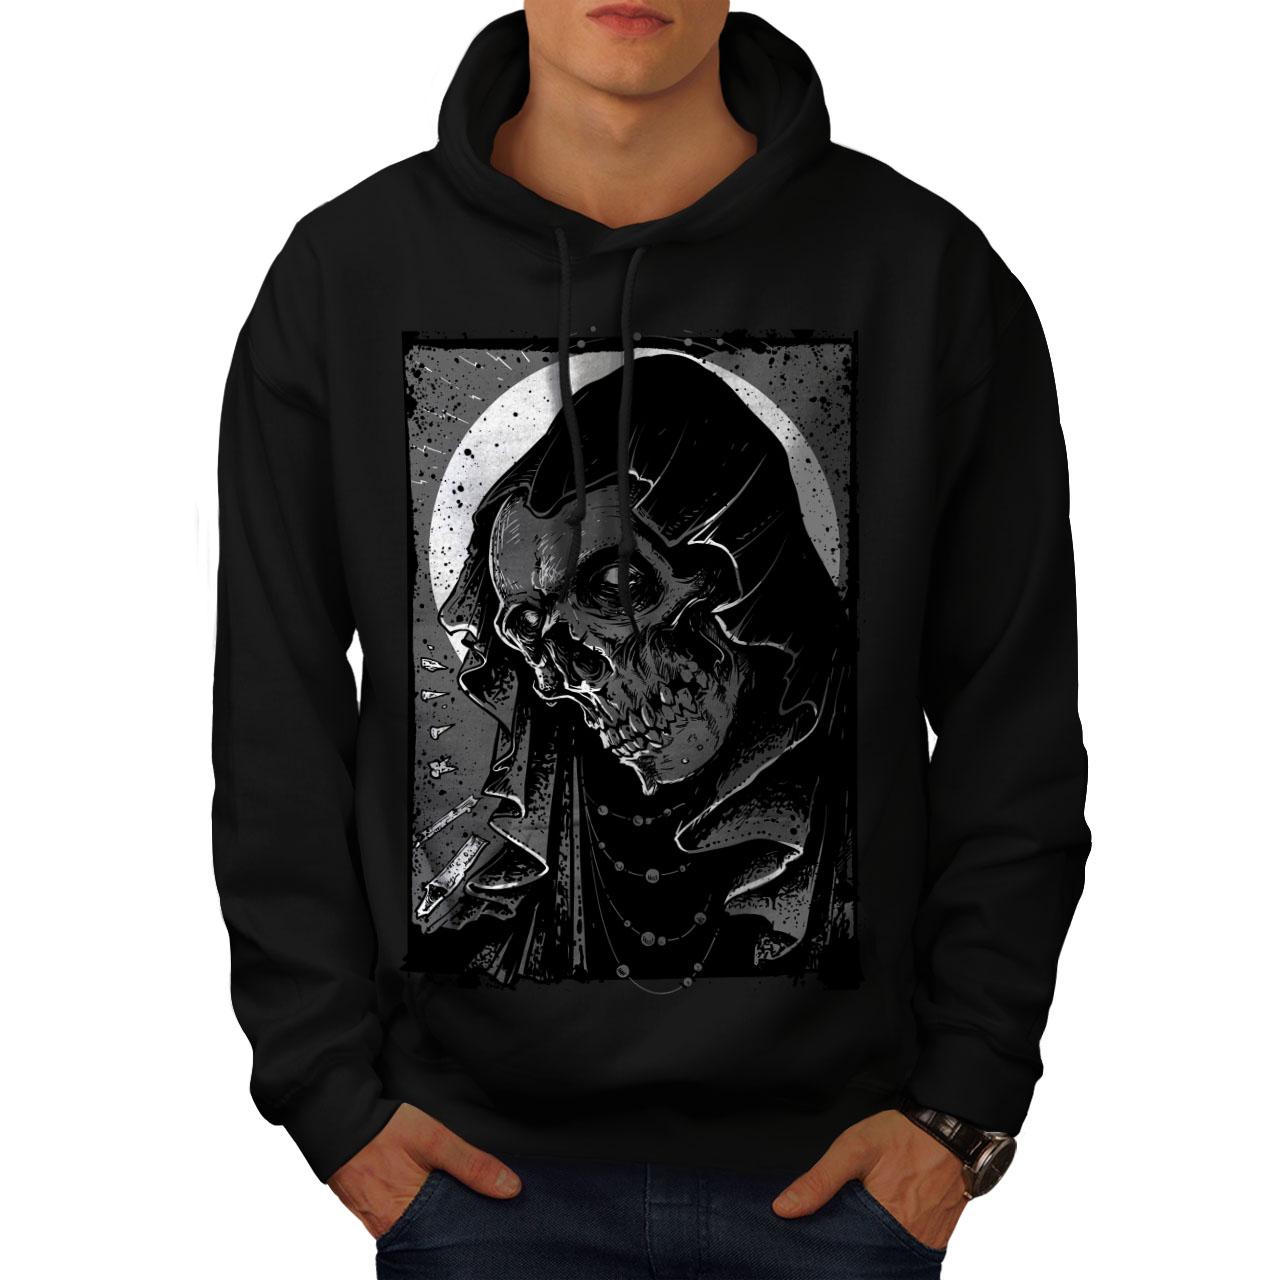 Wellcoda Grim Reaper Hell Skull Mens Hoodie Demon Casual Hooded Sweatshirt